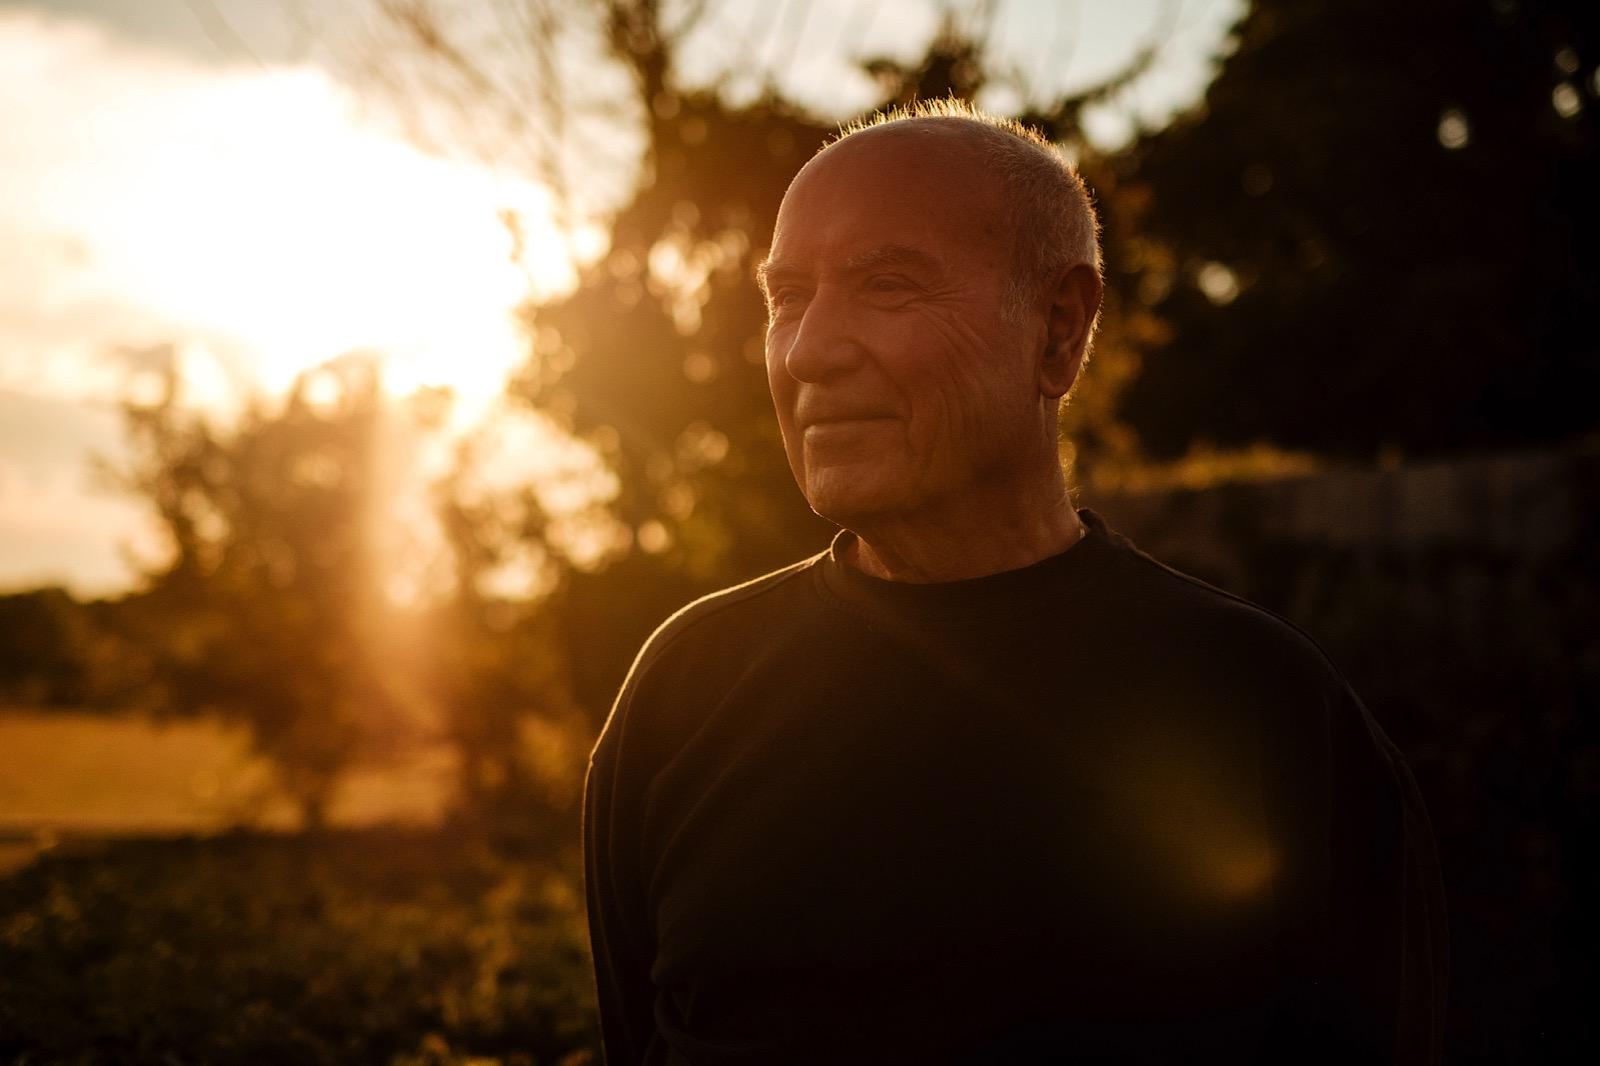 Headshot of gentleman wearing black jumper during golden hour